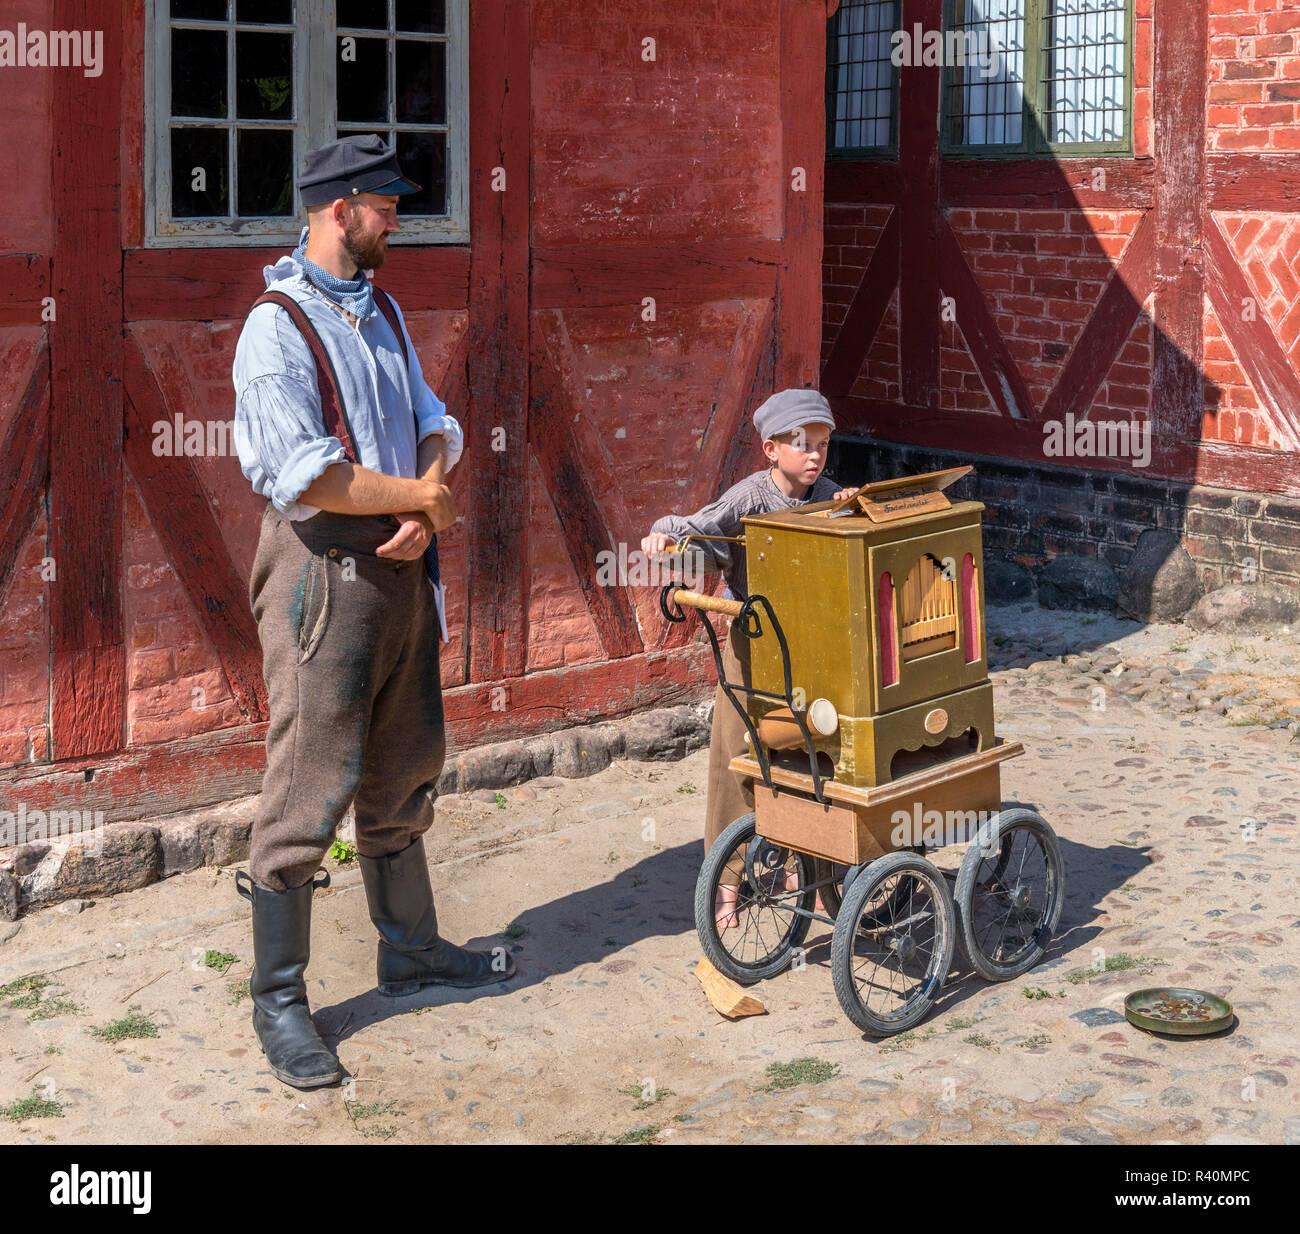 L'homme et jeune garçon en costume à l'orgue, de la Place du Marché (Torvet), la vieille ville (Den Gamle By), un musée en plein air à Aarhus, Danemark Photo Stock